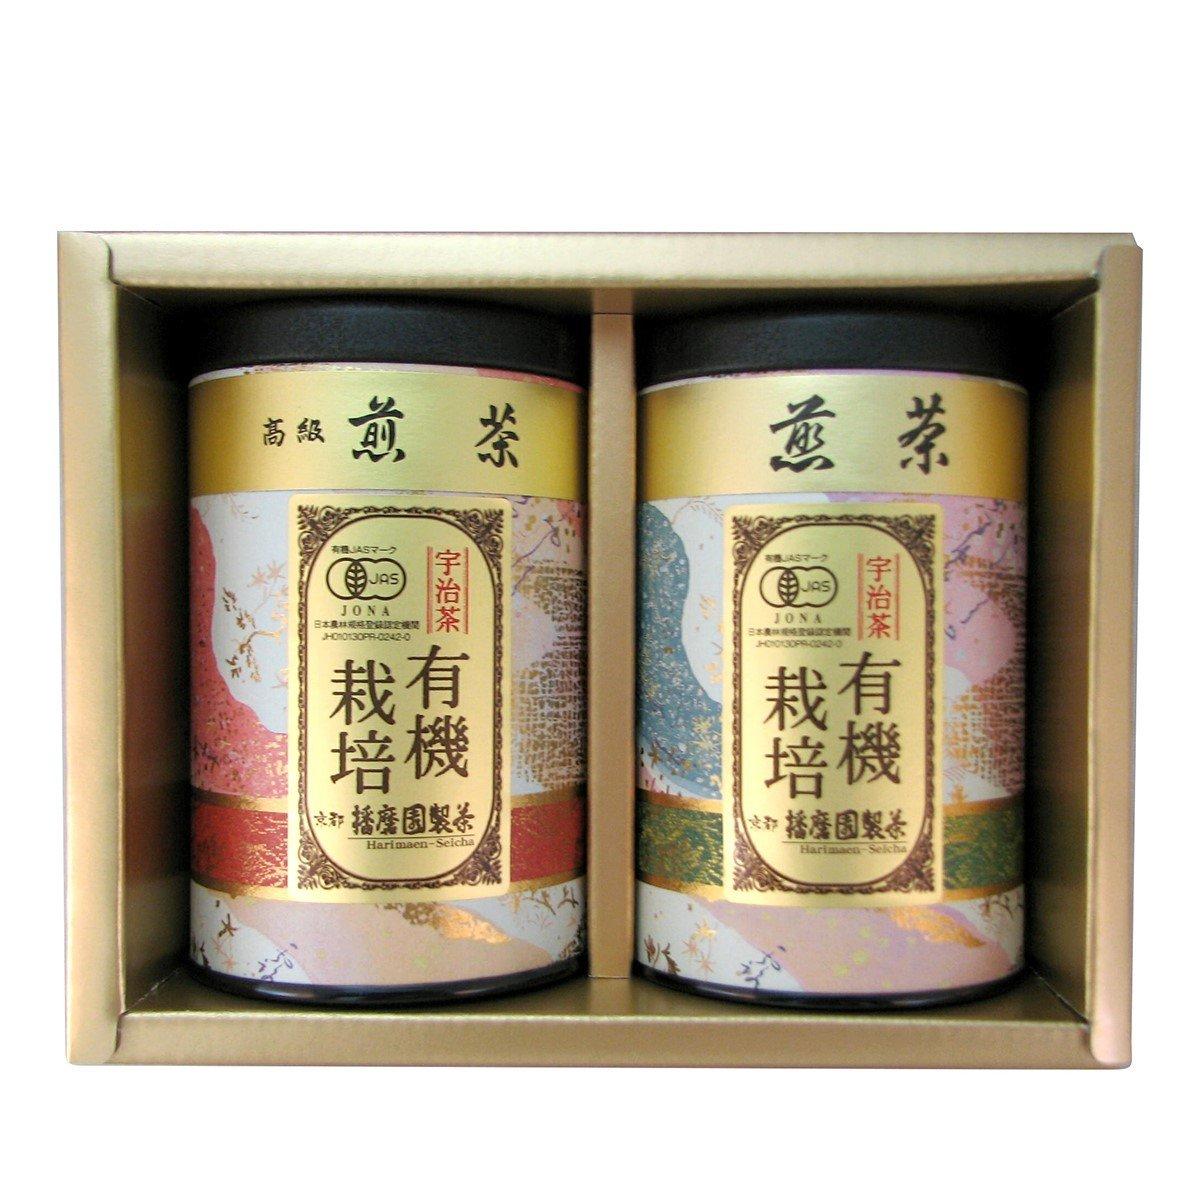 有機宇治茶 2罐套裝(HY‐30)